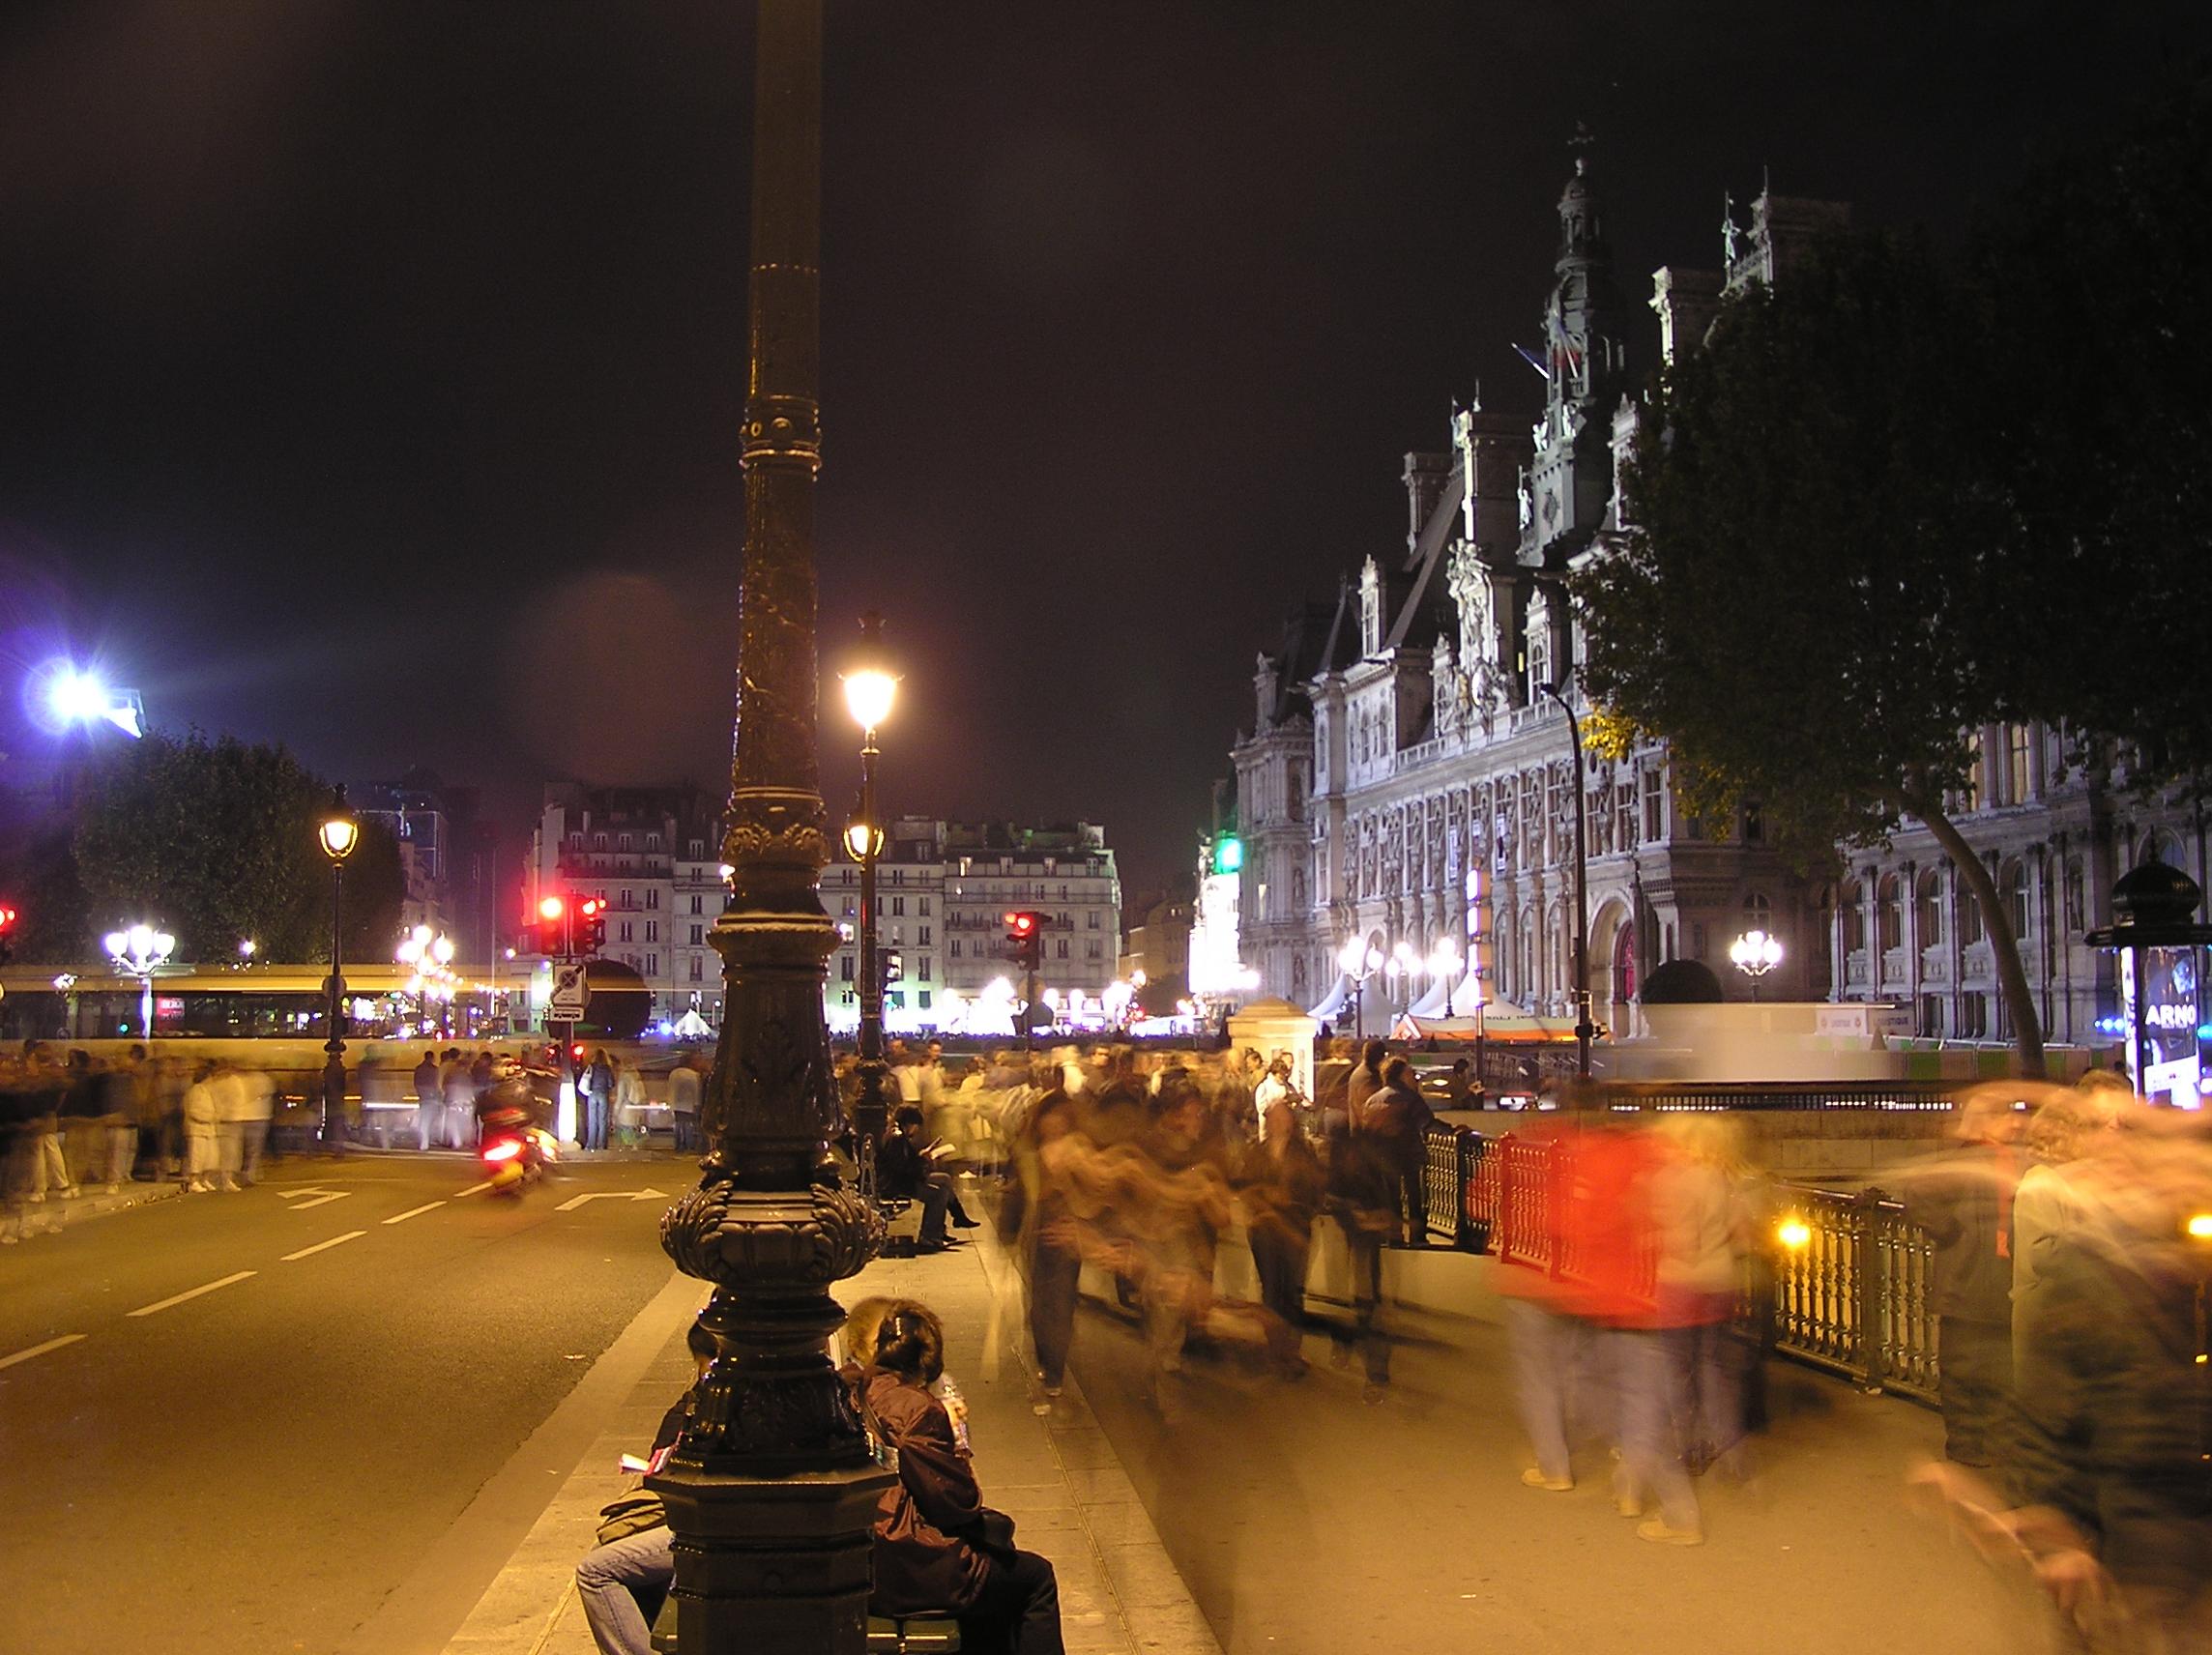 Paris nuit blanche hotel de ville paris nuit blanche for Piscine de nuit paris